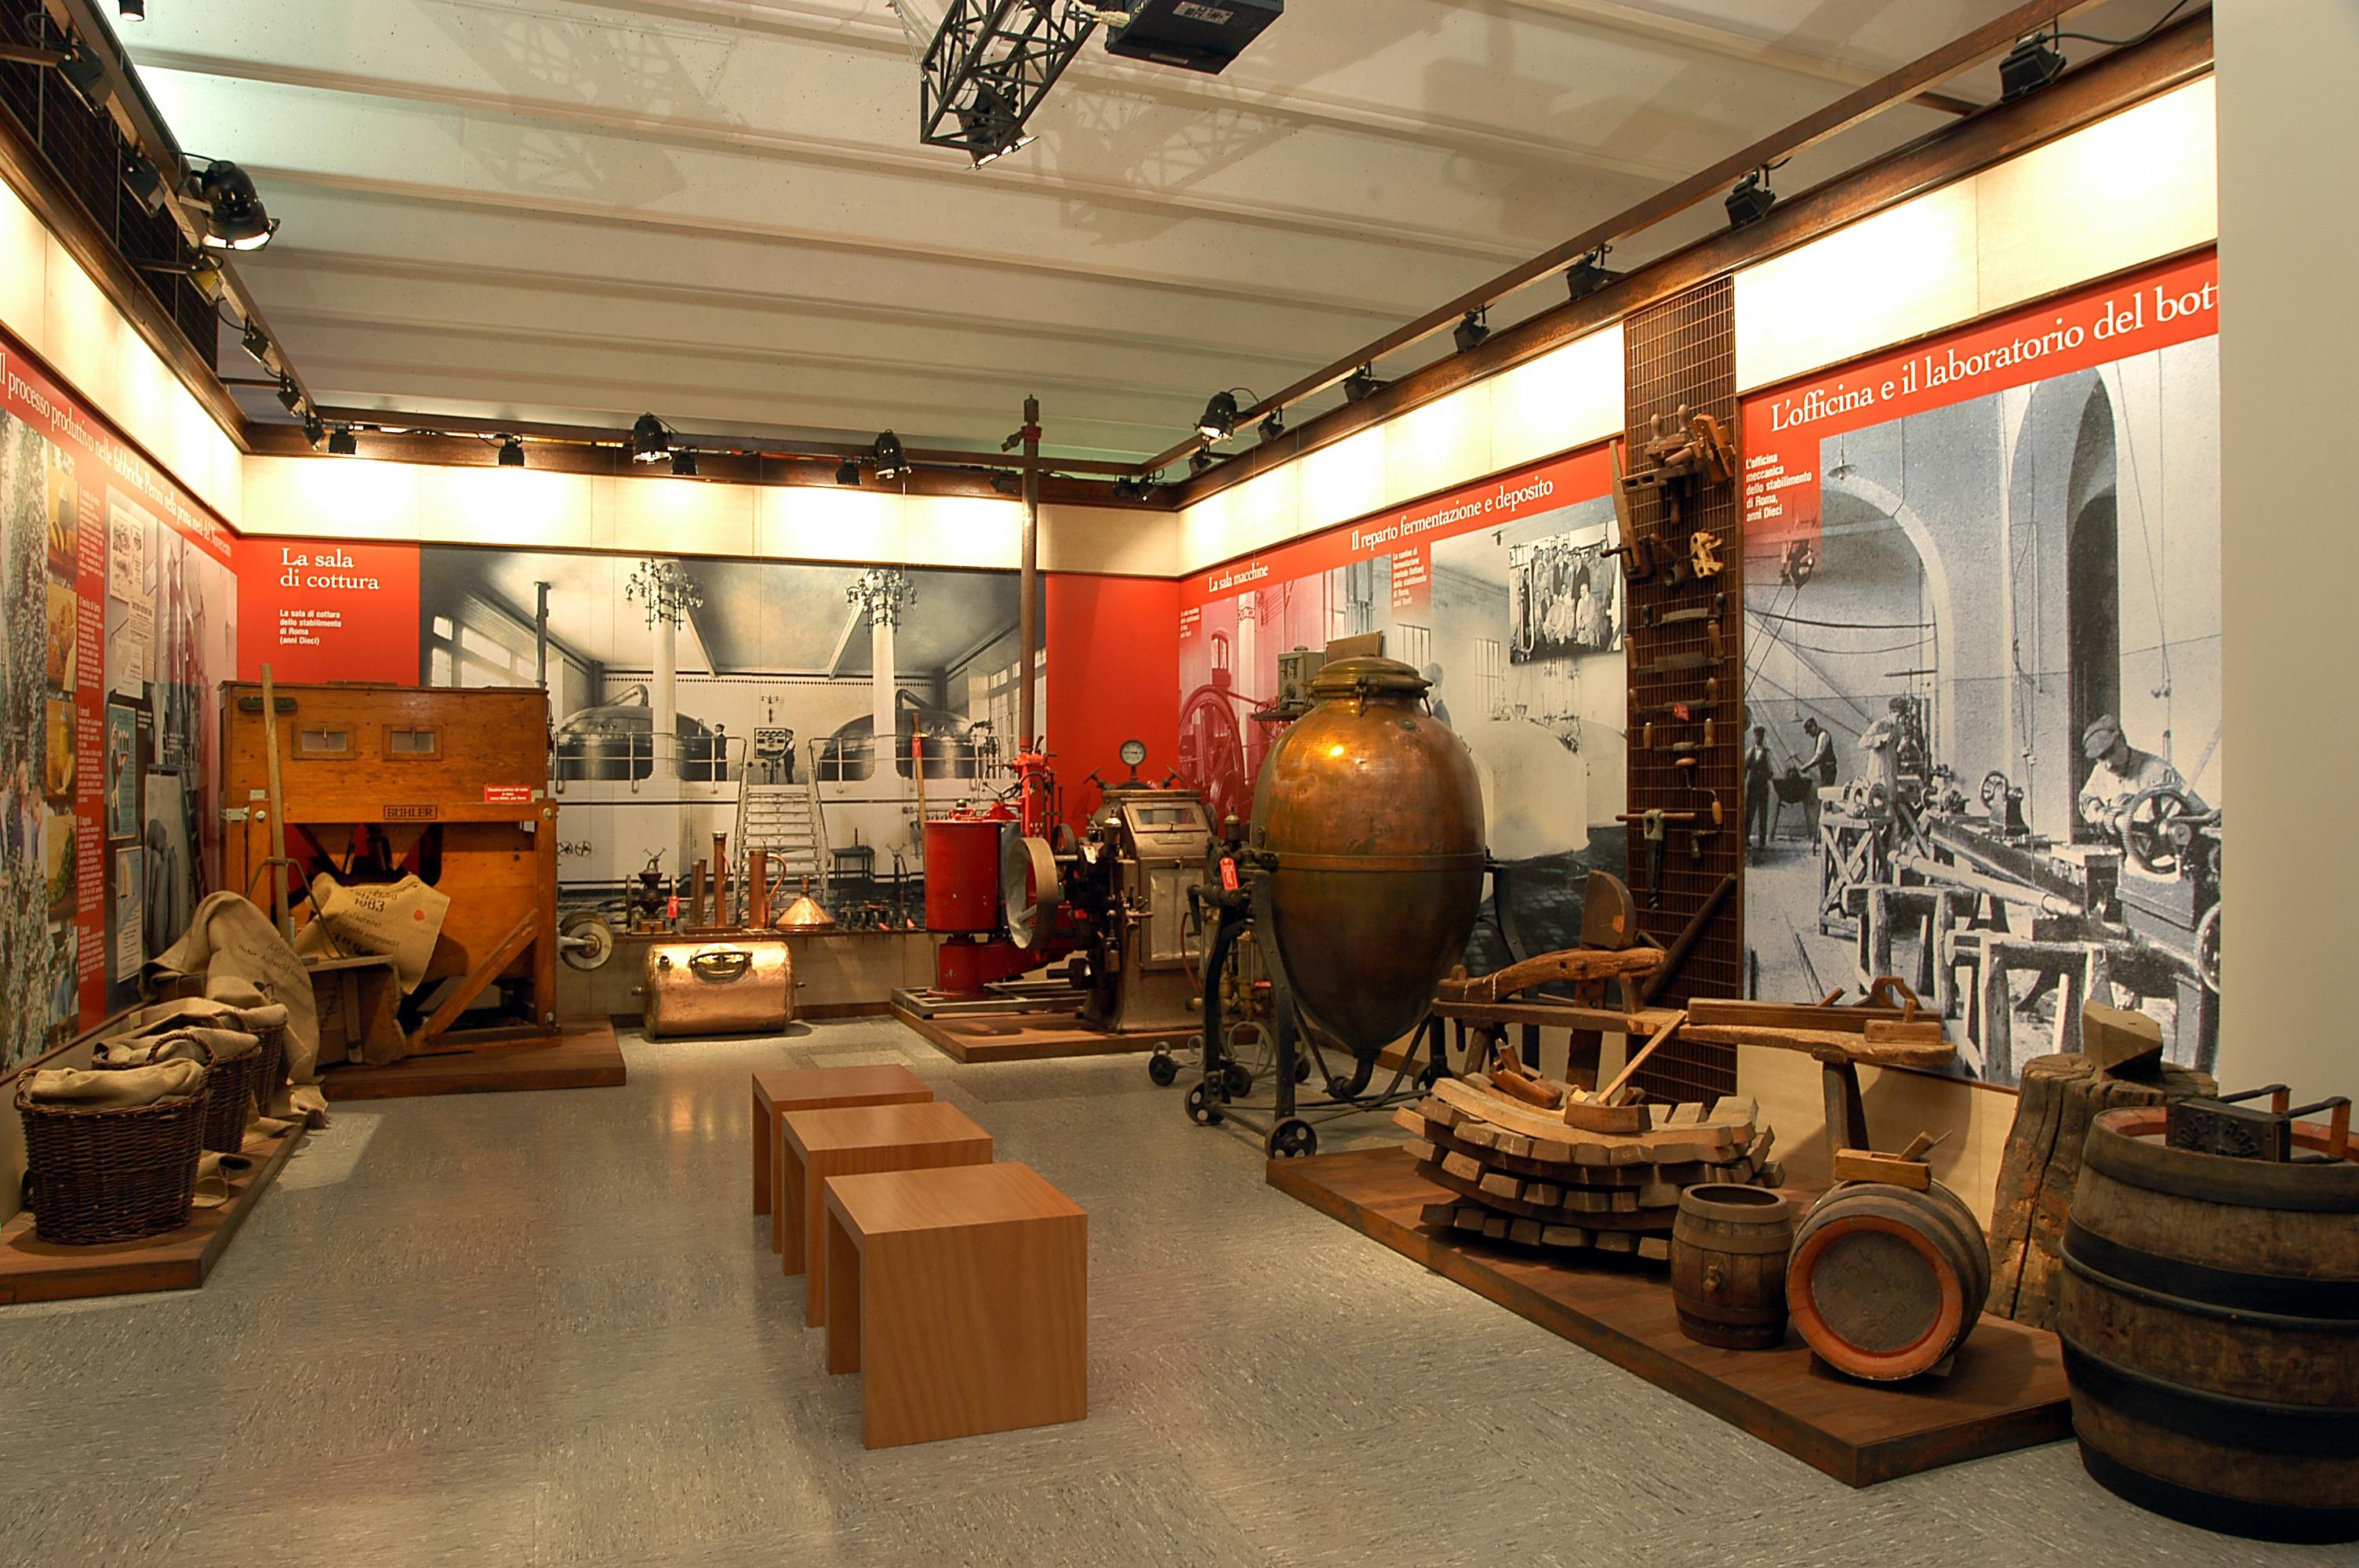 Fabbrica e archivio storico e museo birra peroni sezione 1 6 for Compro casa roma centro